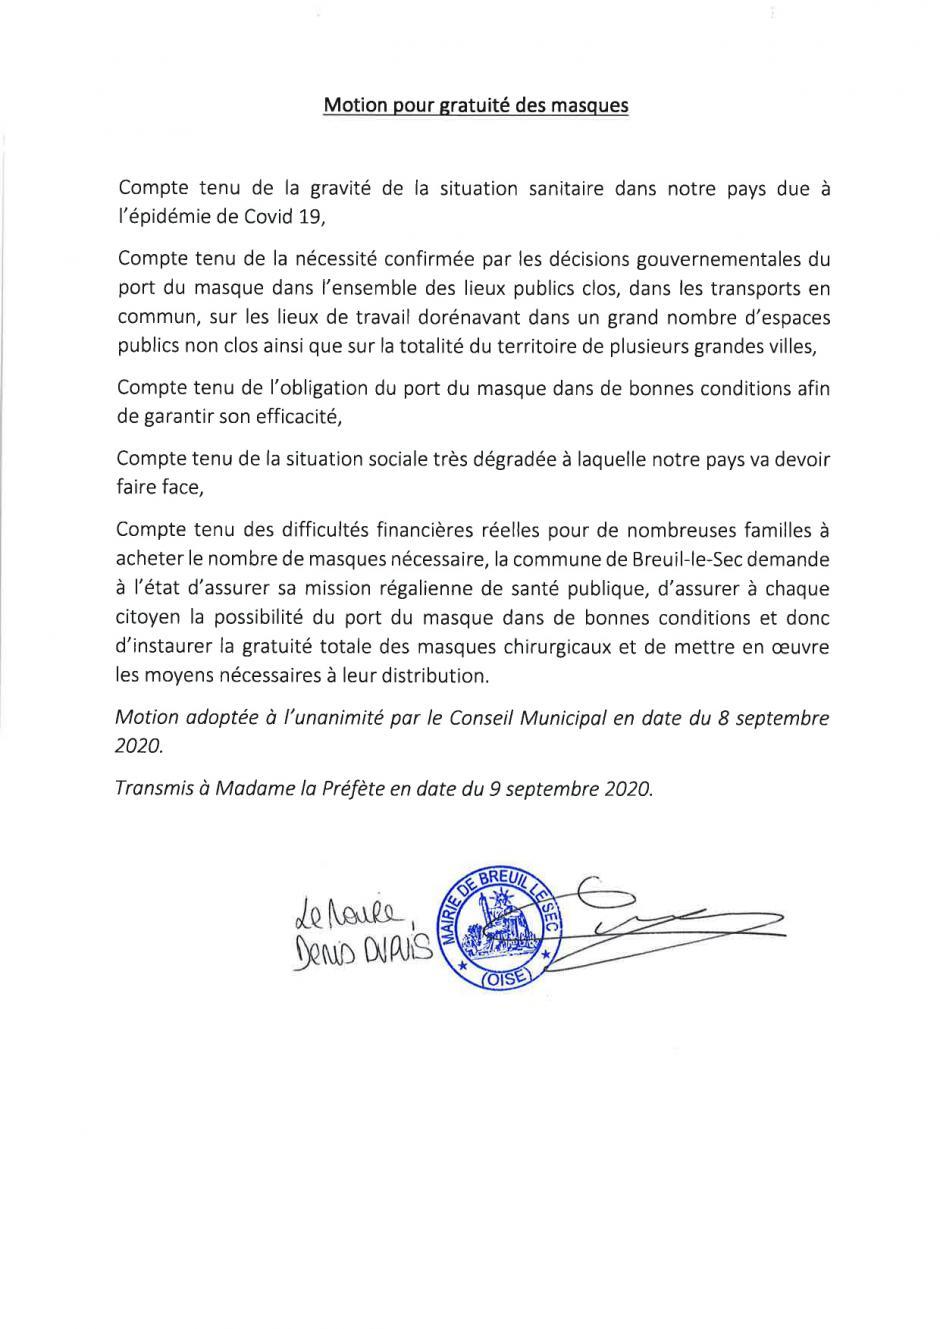 Motion pour la gratuité des masques, adoptée à l'unanimité par le Conseil municipal - Breuil-le-Sec, 8 septembre 2020